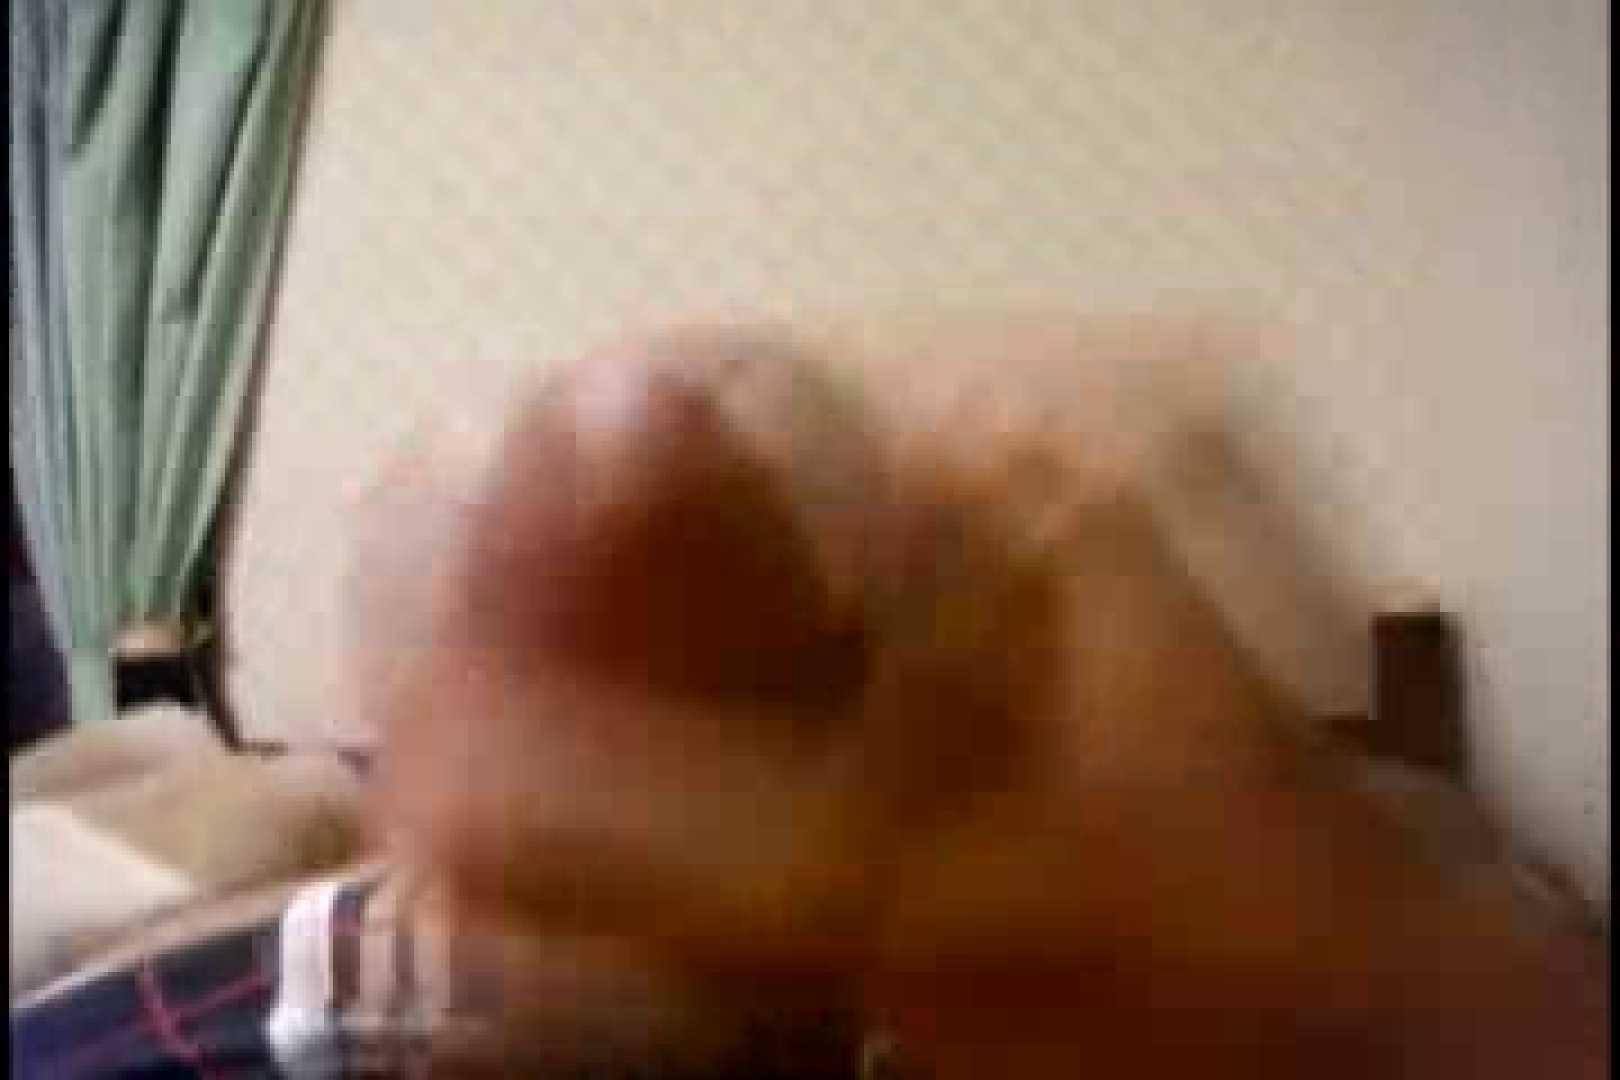 オナ好きノンケテニス部員の自画撮り投稿vol.01 ブリーフ ゲイアダルト画像 105枚 76